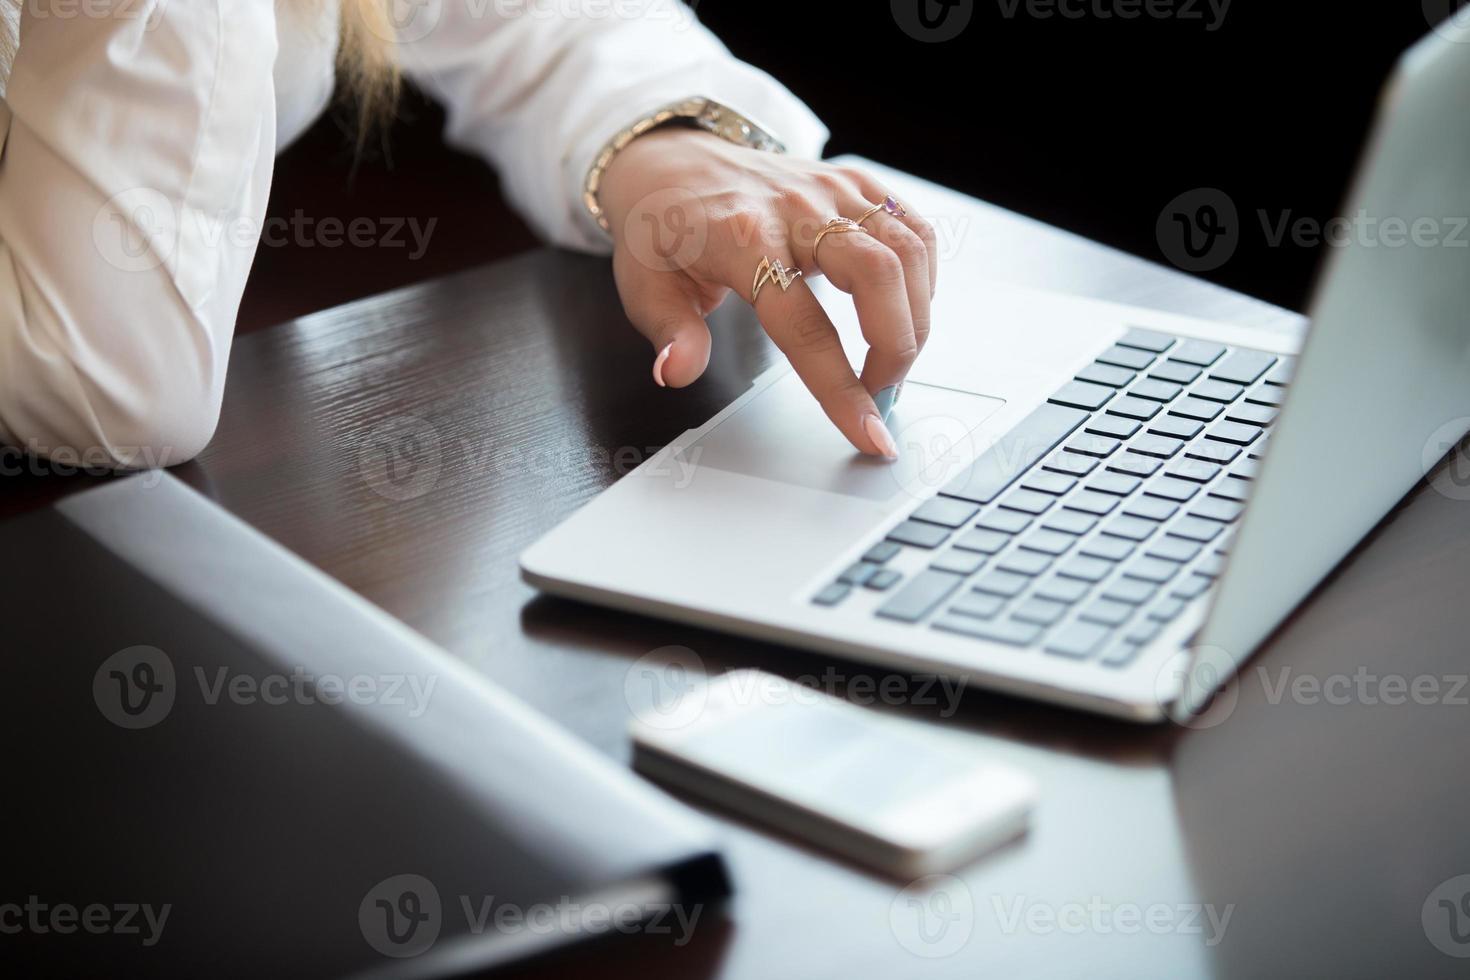 händerna på pekplattan foto